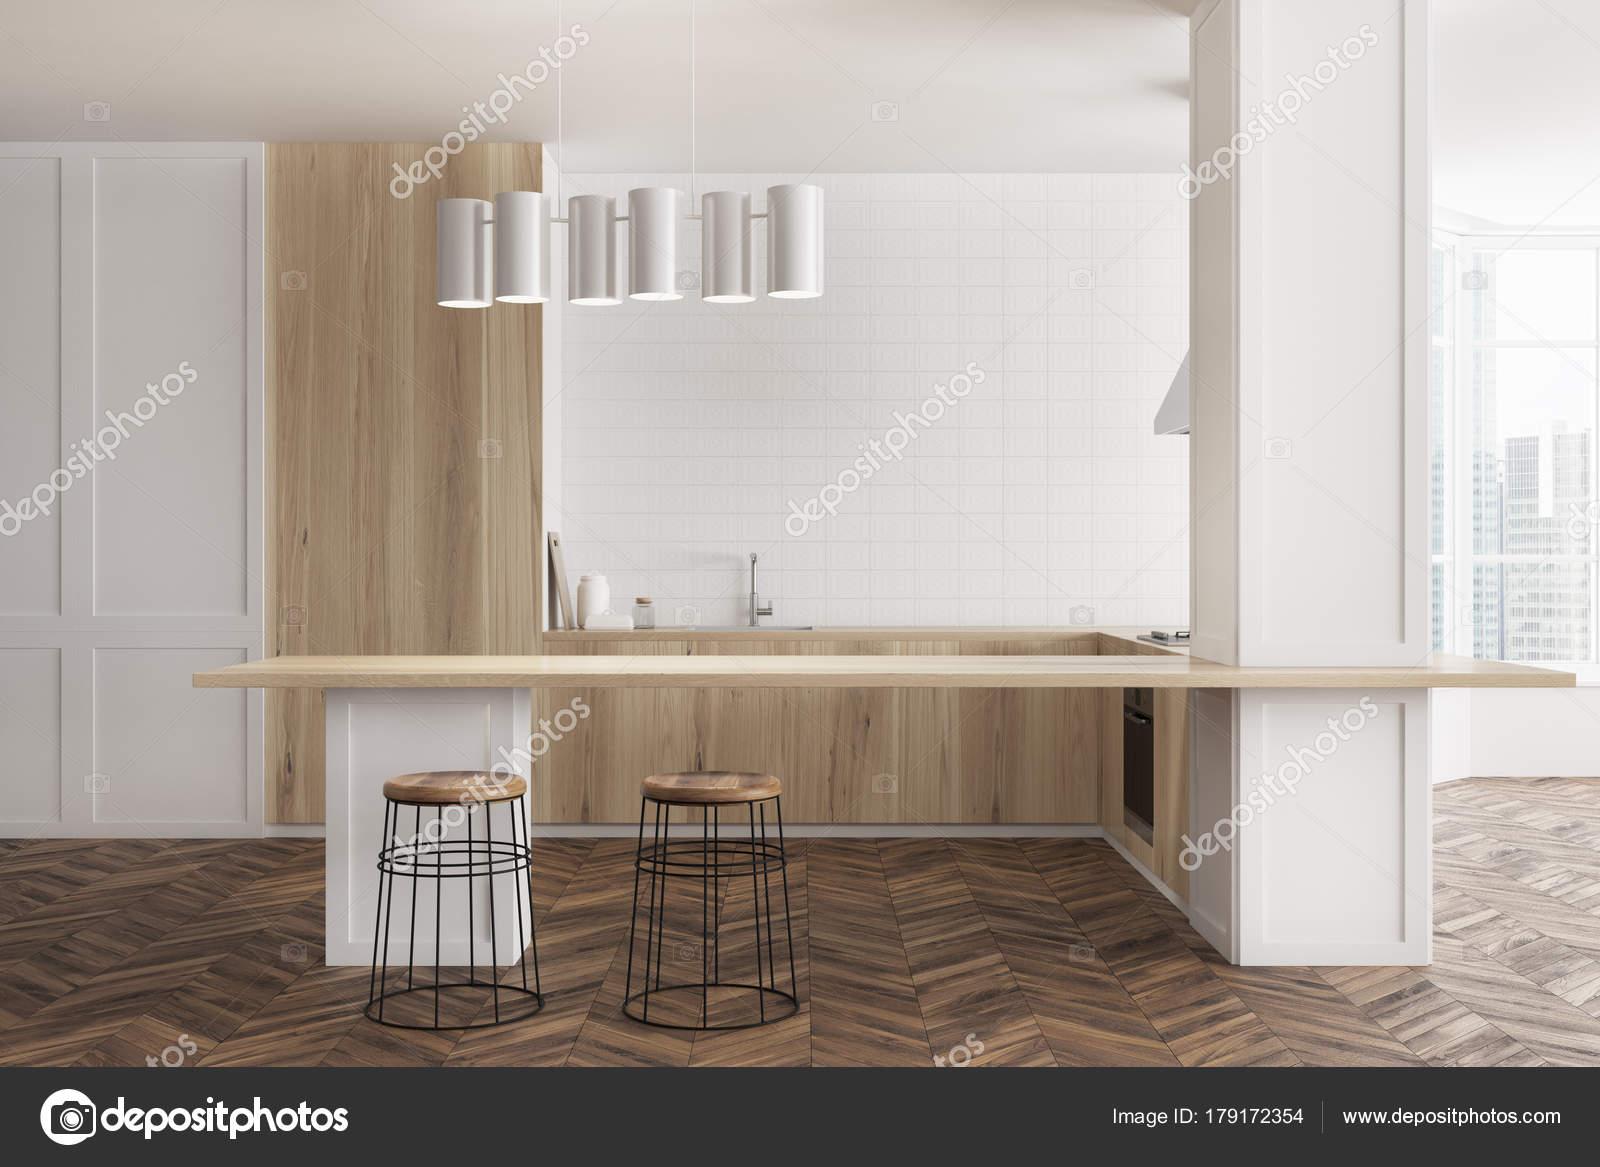 Cucina bianca e in legno, bar — Foto Stock © denisismagilov #179172354